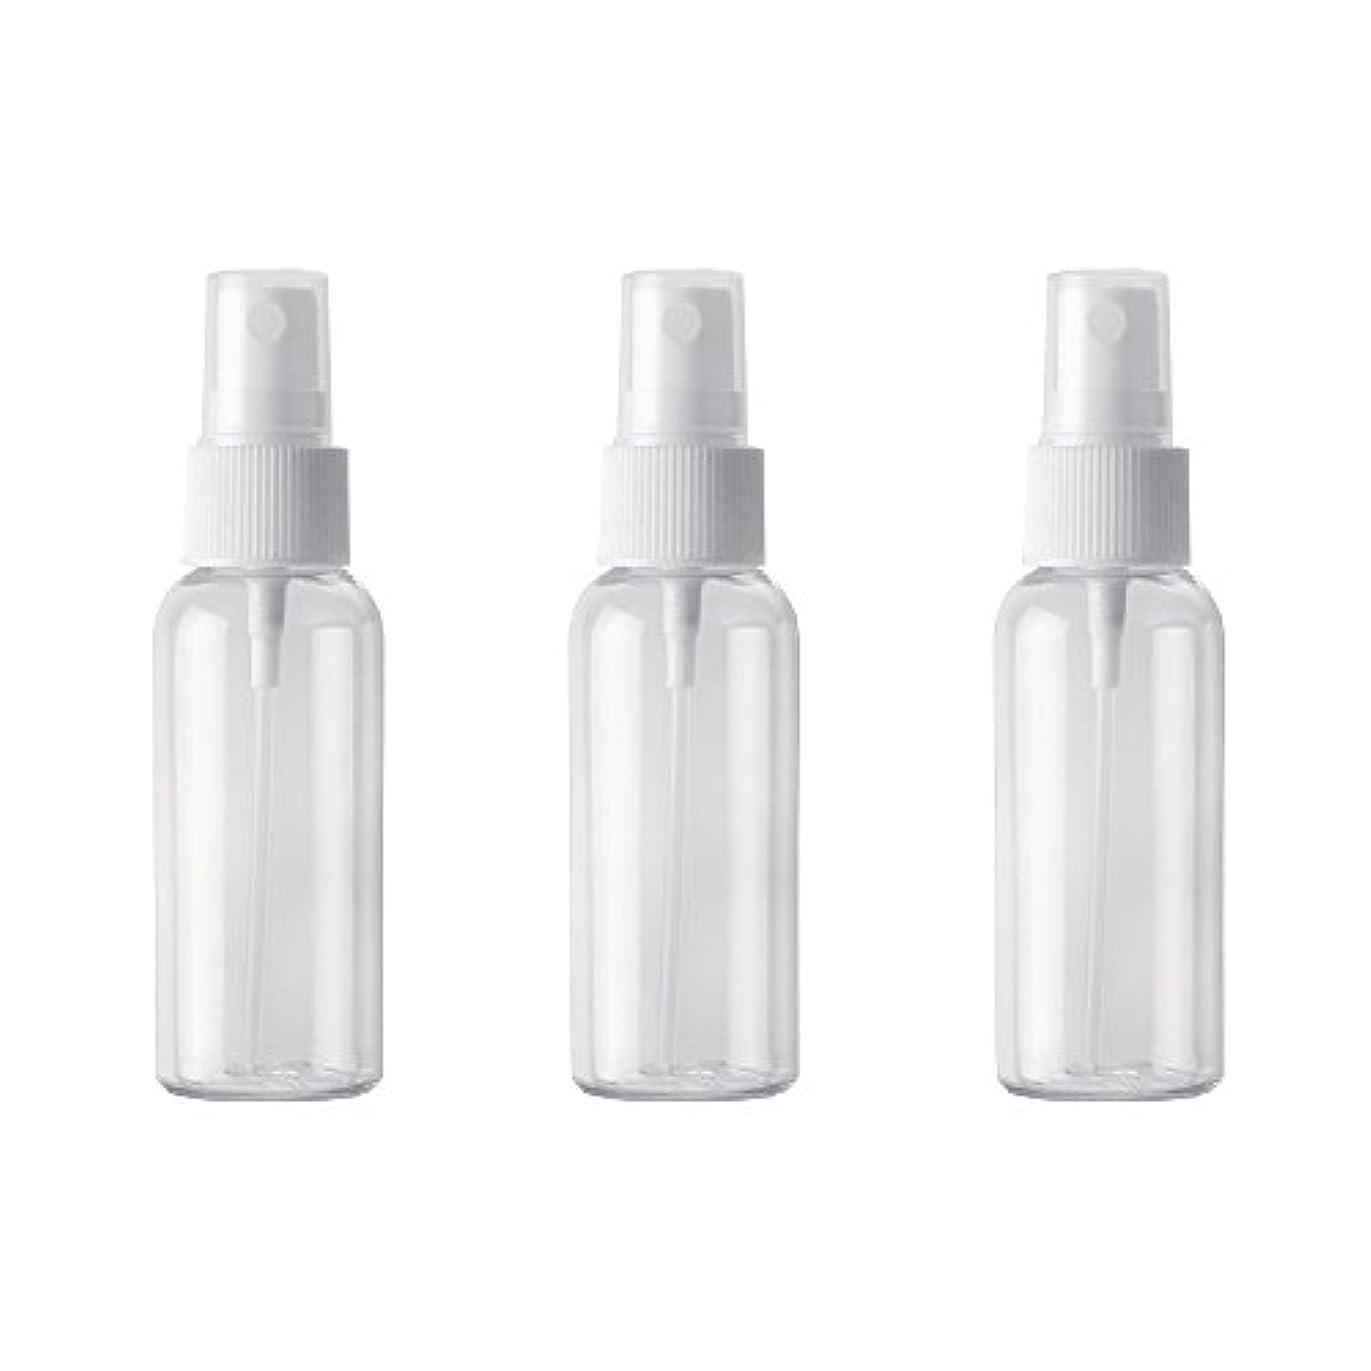 減少聖人統合PET小分けボトル トラベルボトル スプレーボトル 3本セット 霧吹き 小分け容器 化粧水 精製水 詰替ボトル 旅行用(50ml )